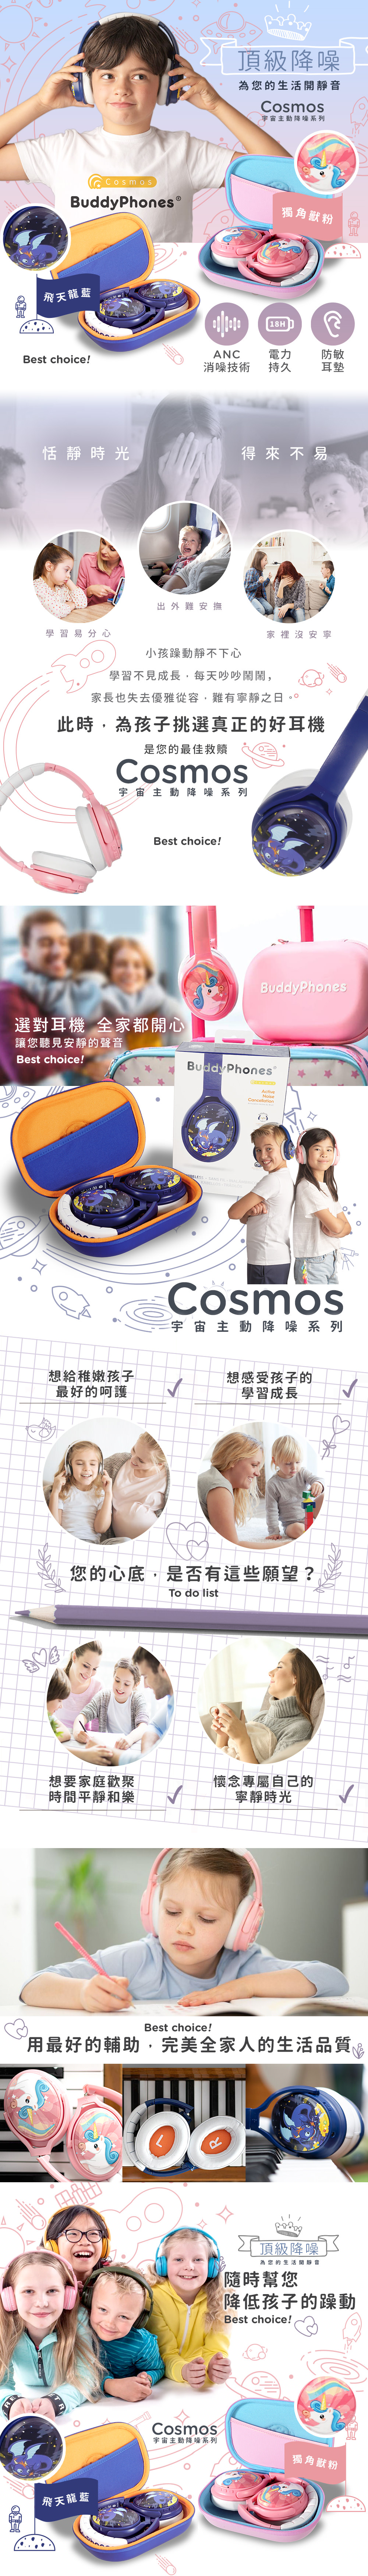 Cosmos系列_LP01.jpg